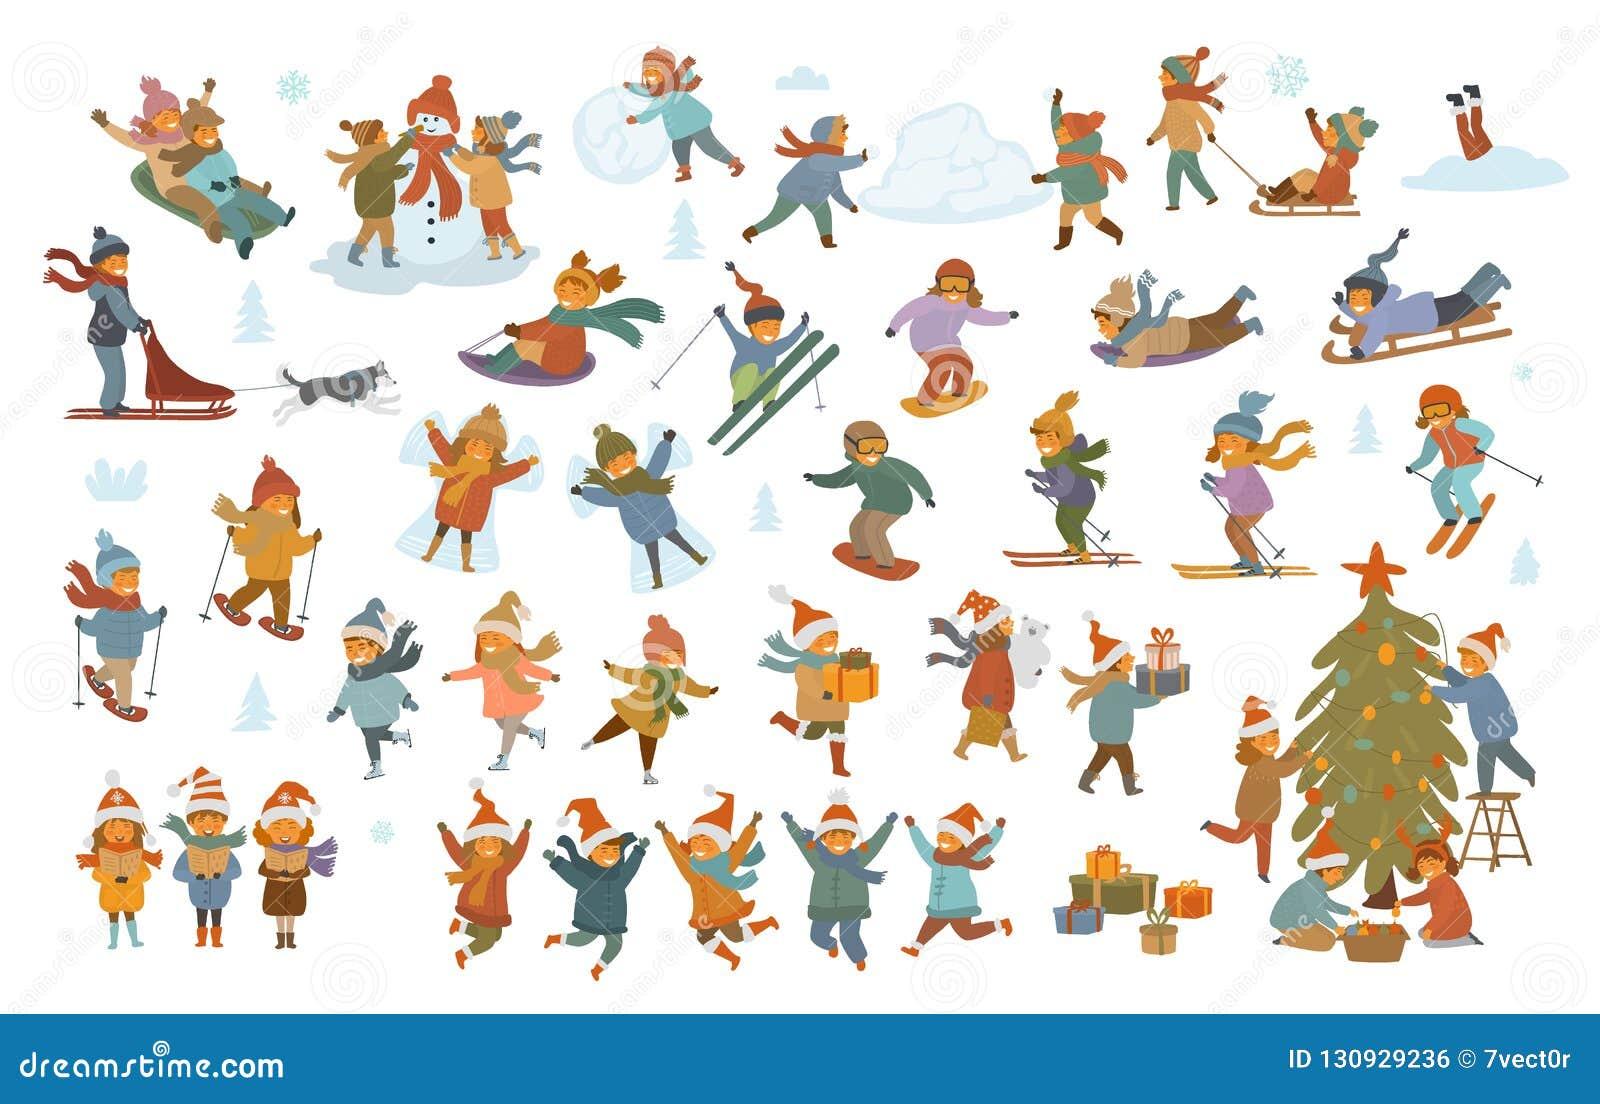 De actieve winter en vrolijke Kerstmiskinderen, jongen en meisjes die engel van de sneeuwmansneeuw, spel die, het sledding, ijs m